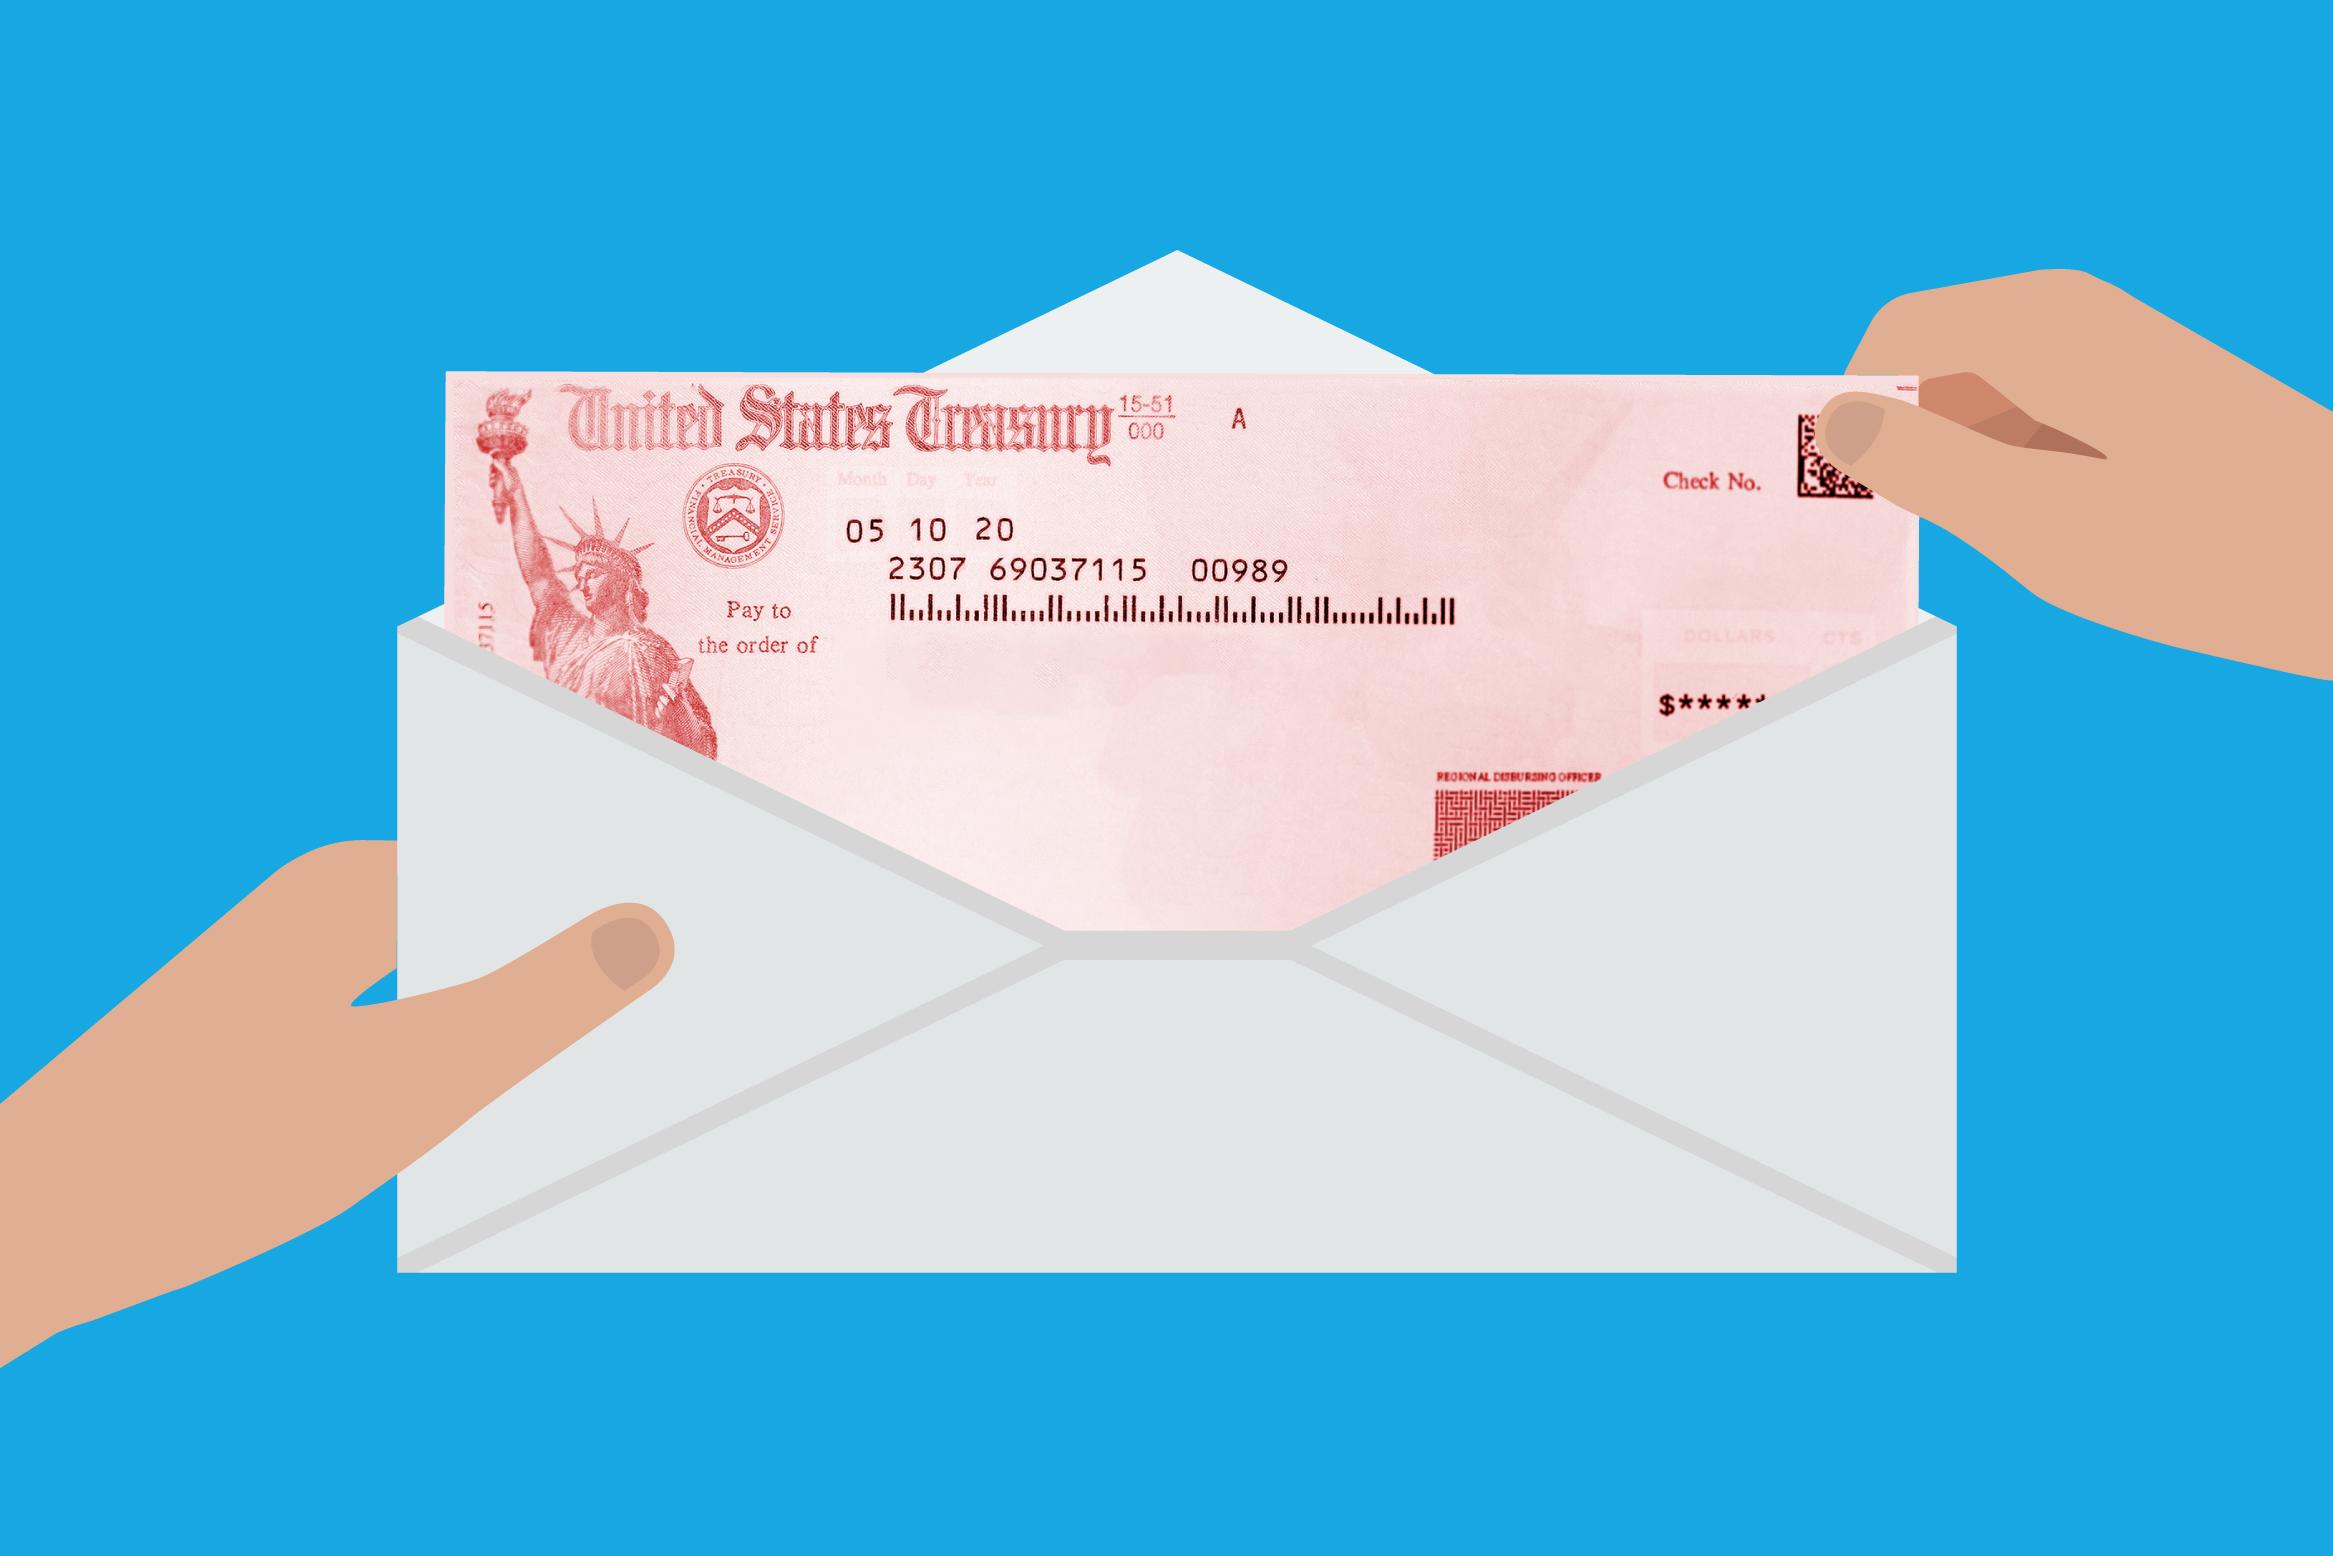 Coronavirus Stimulus Check: When Will IRS Send $1,200 Checks   Money